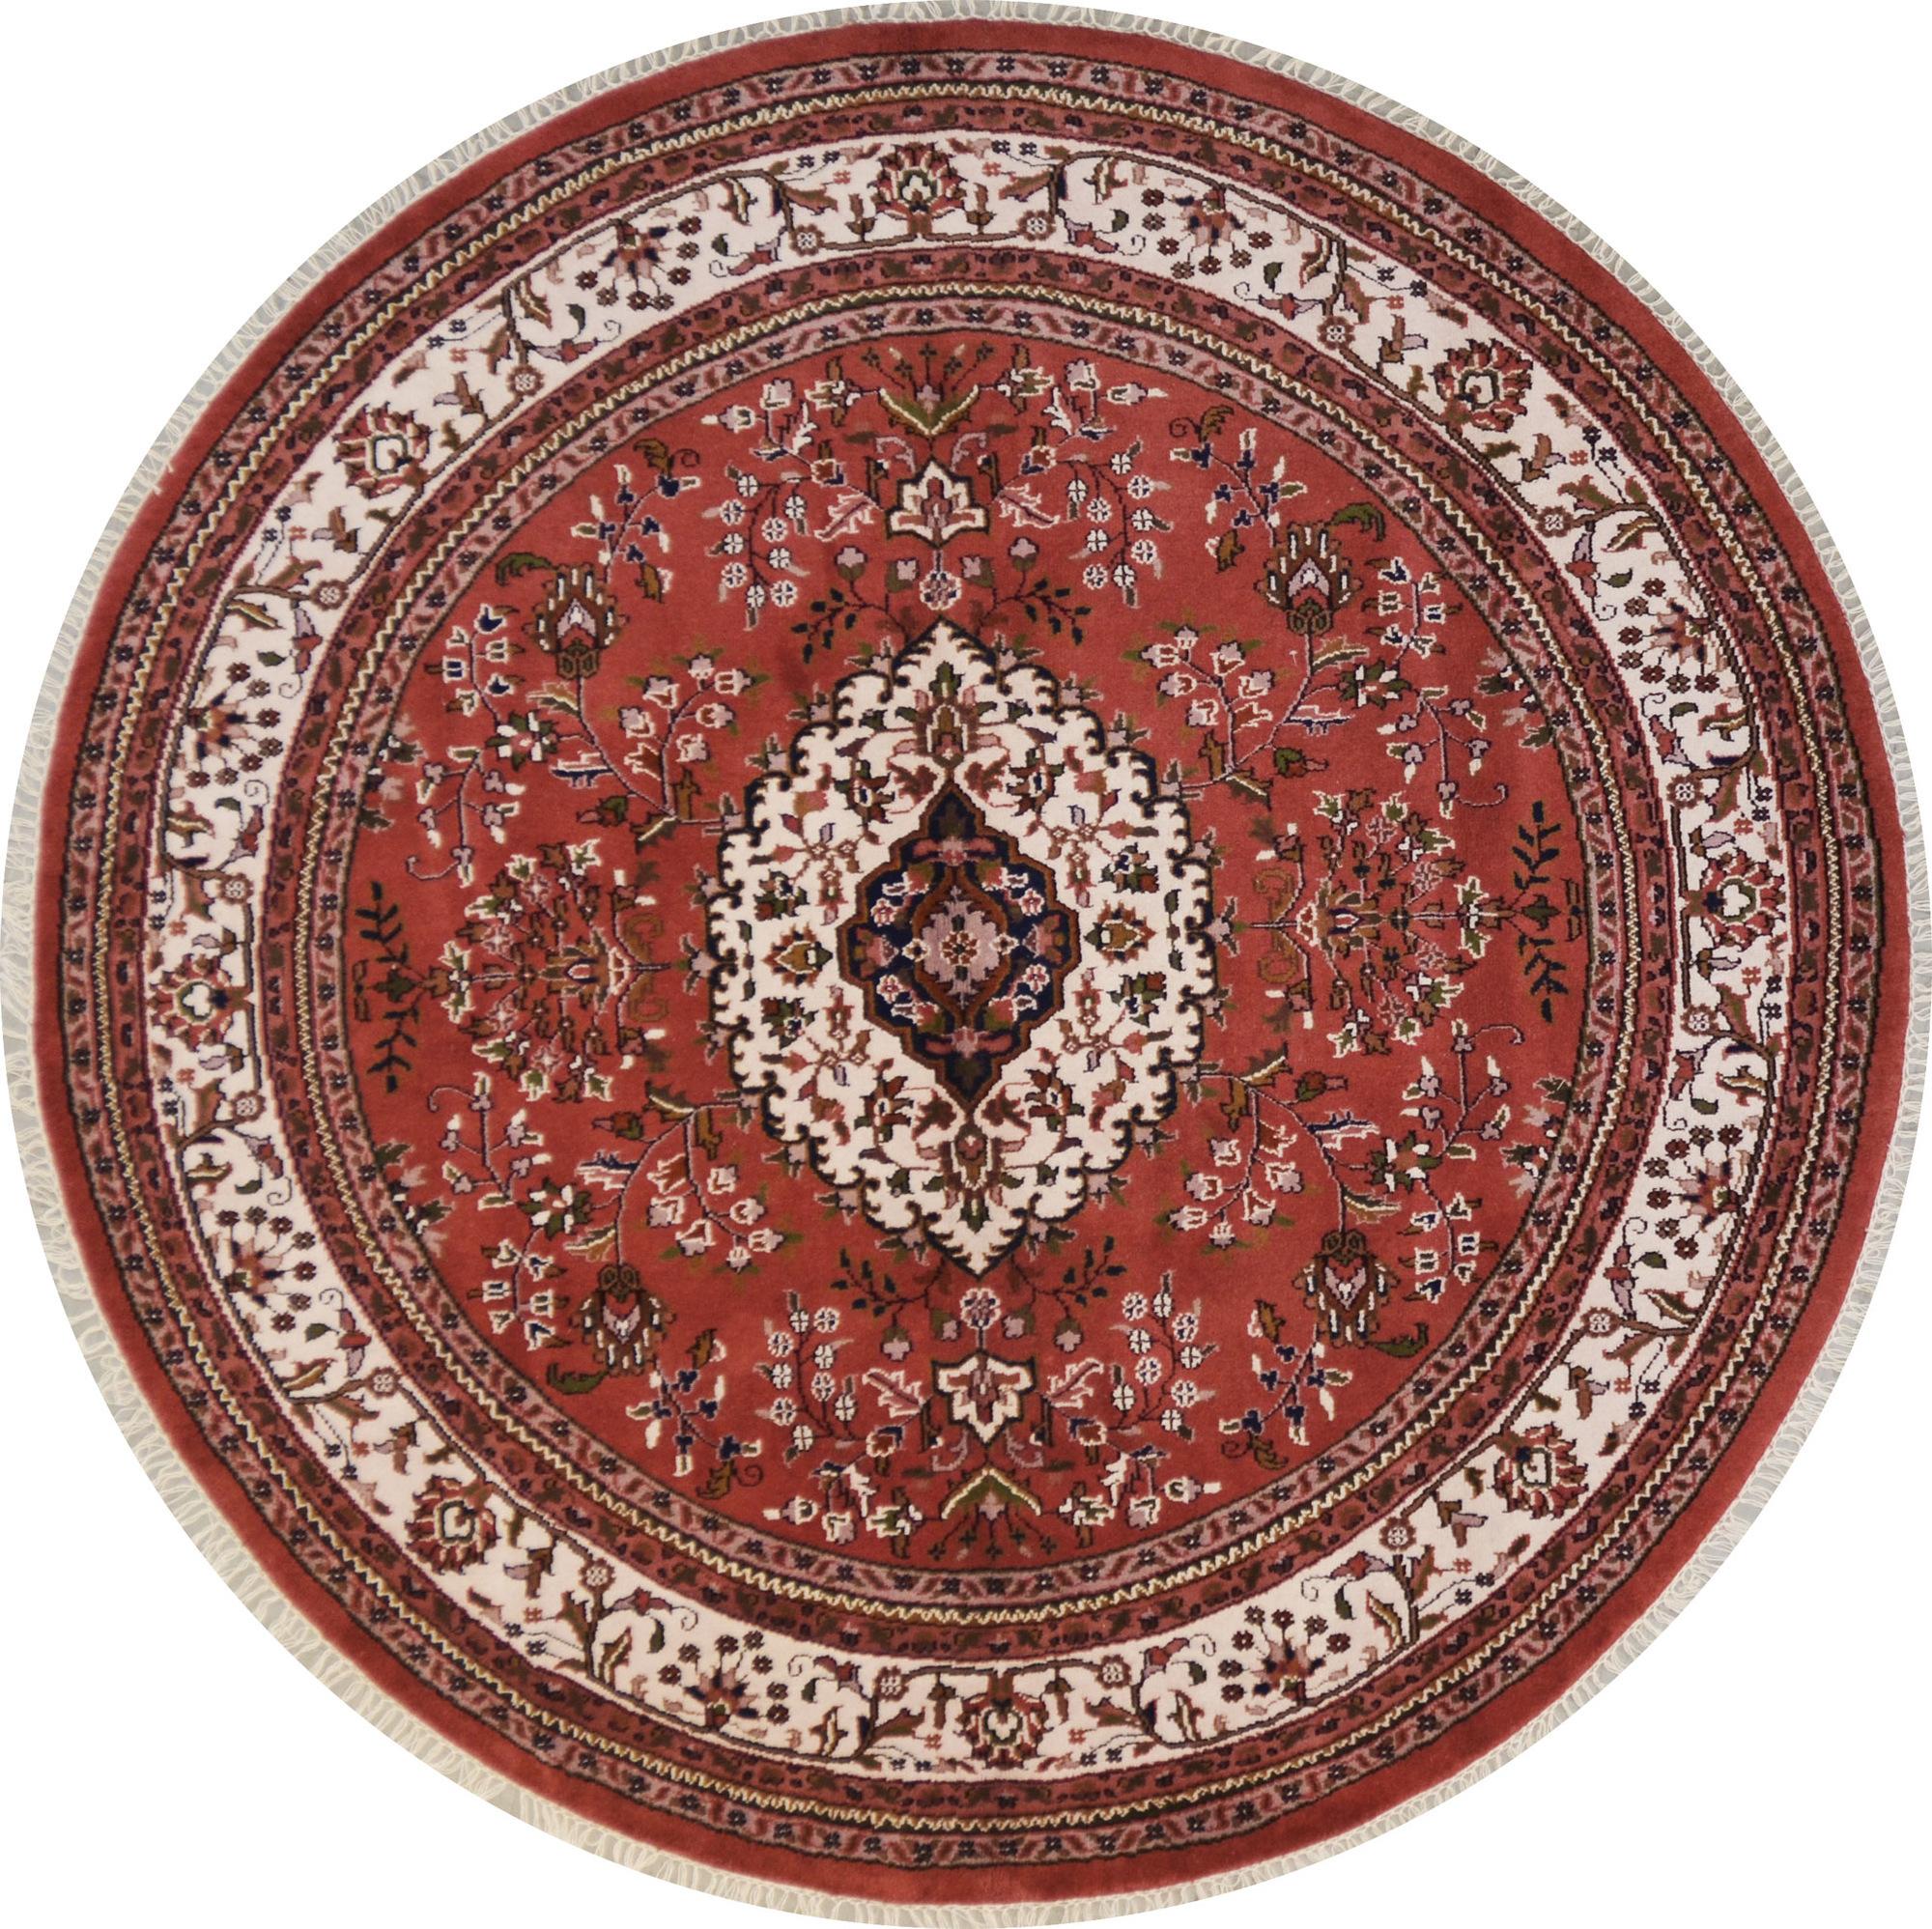 1503665375-teppiche-negra-klassik-aus-indien.jpg